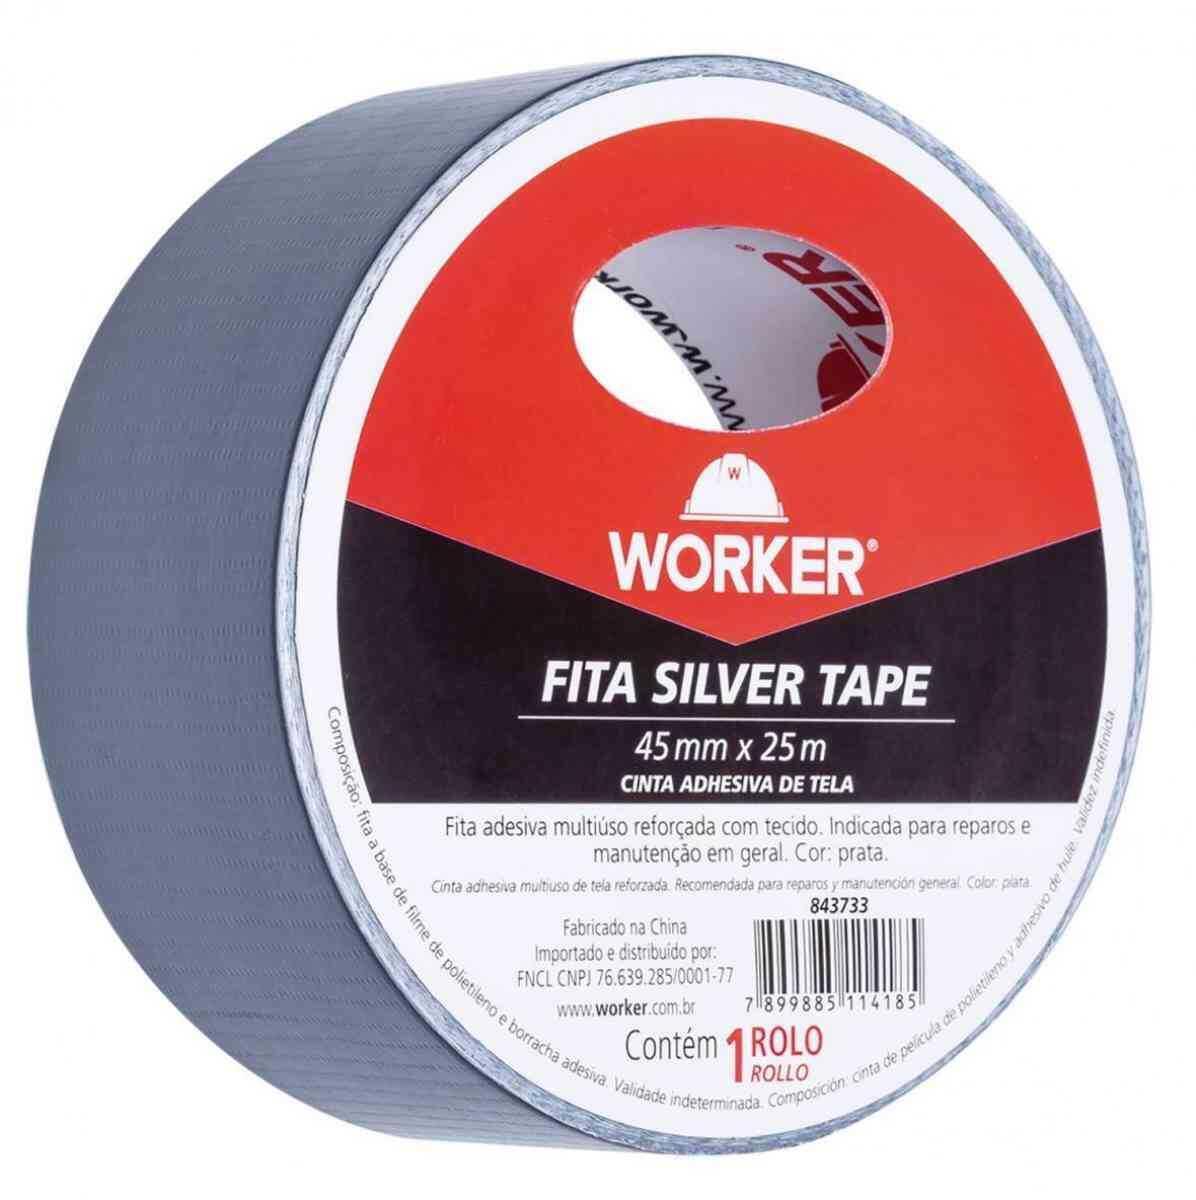 Fita Adesiva Silver Tape Multiuso 45Mm X 25M Worker